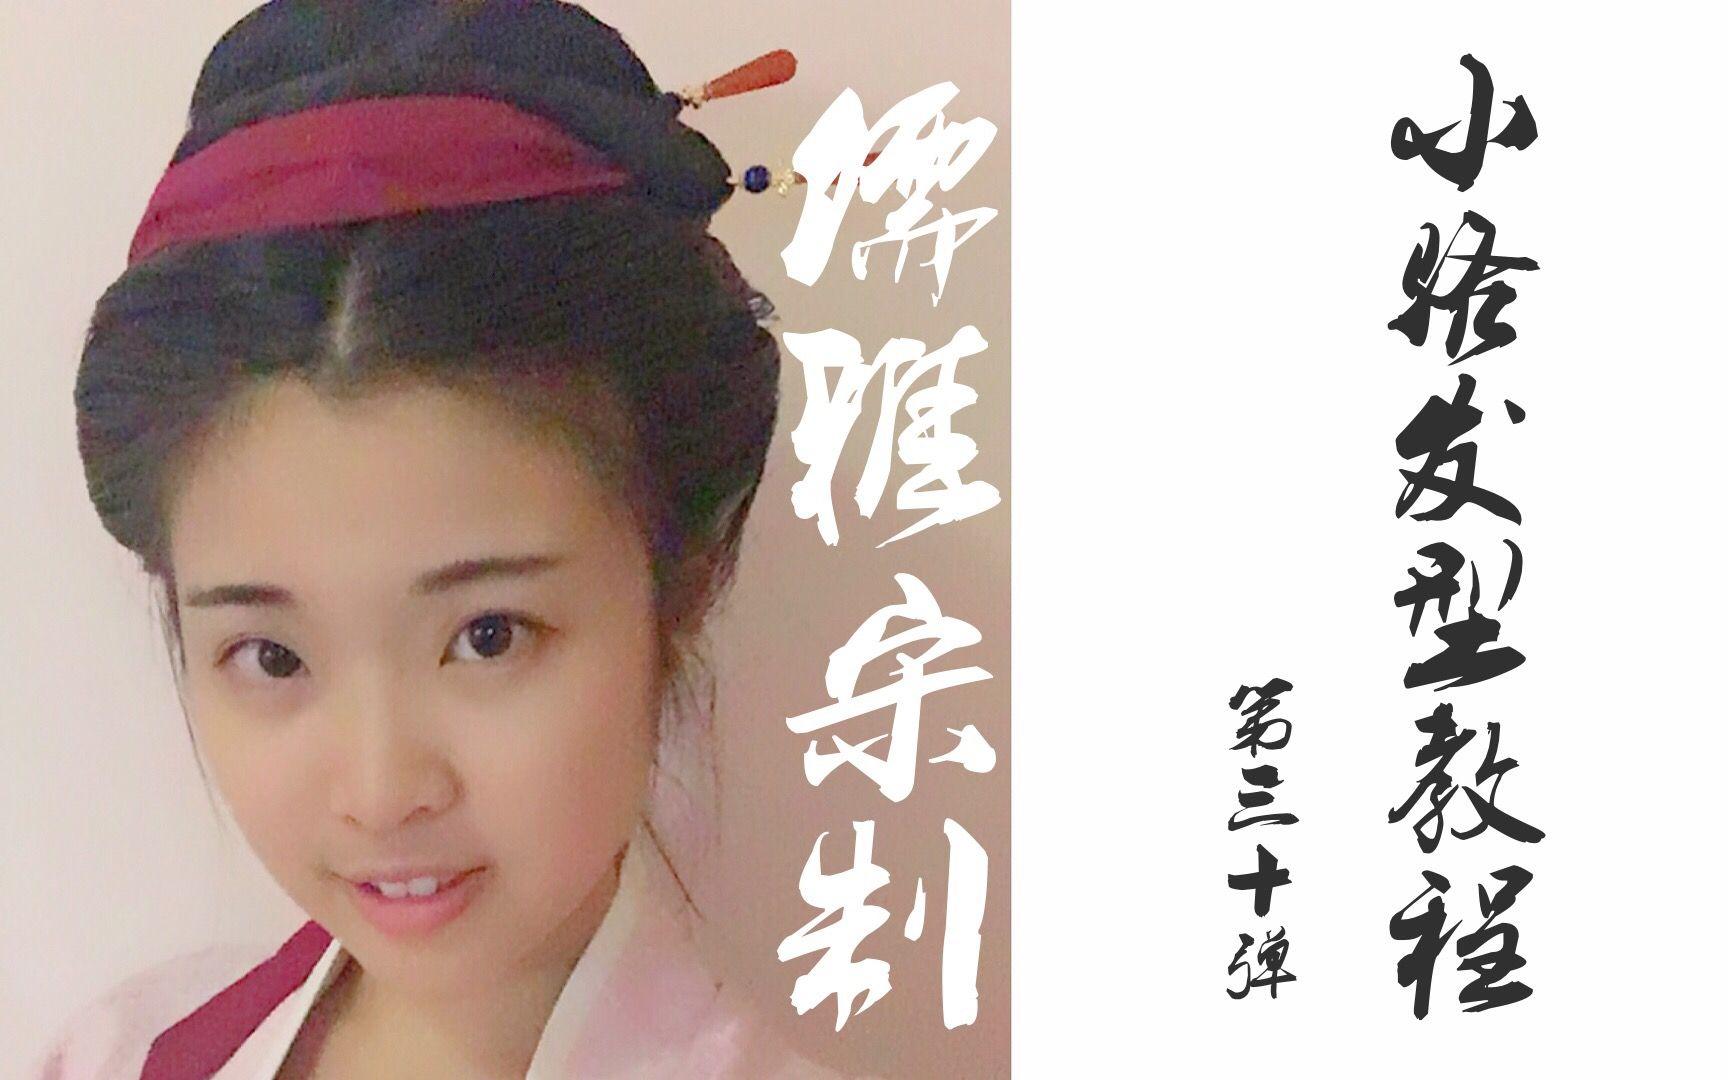 【发型骆】小骆汉服发型教程第三十弹(儒雅宋制)